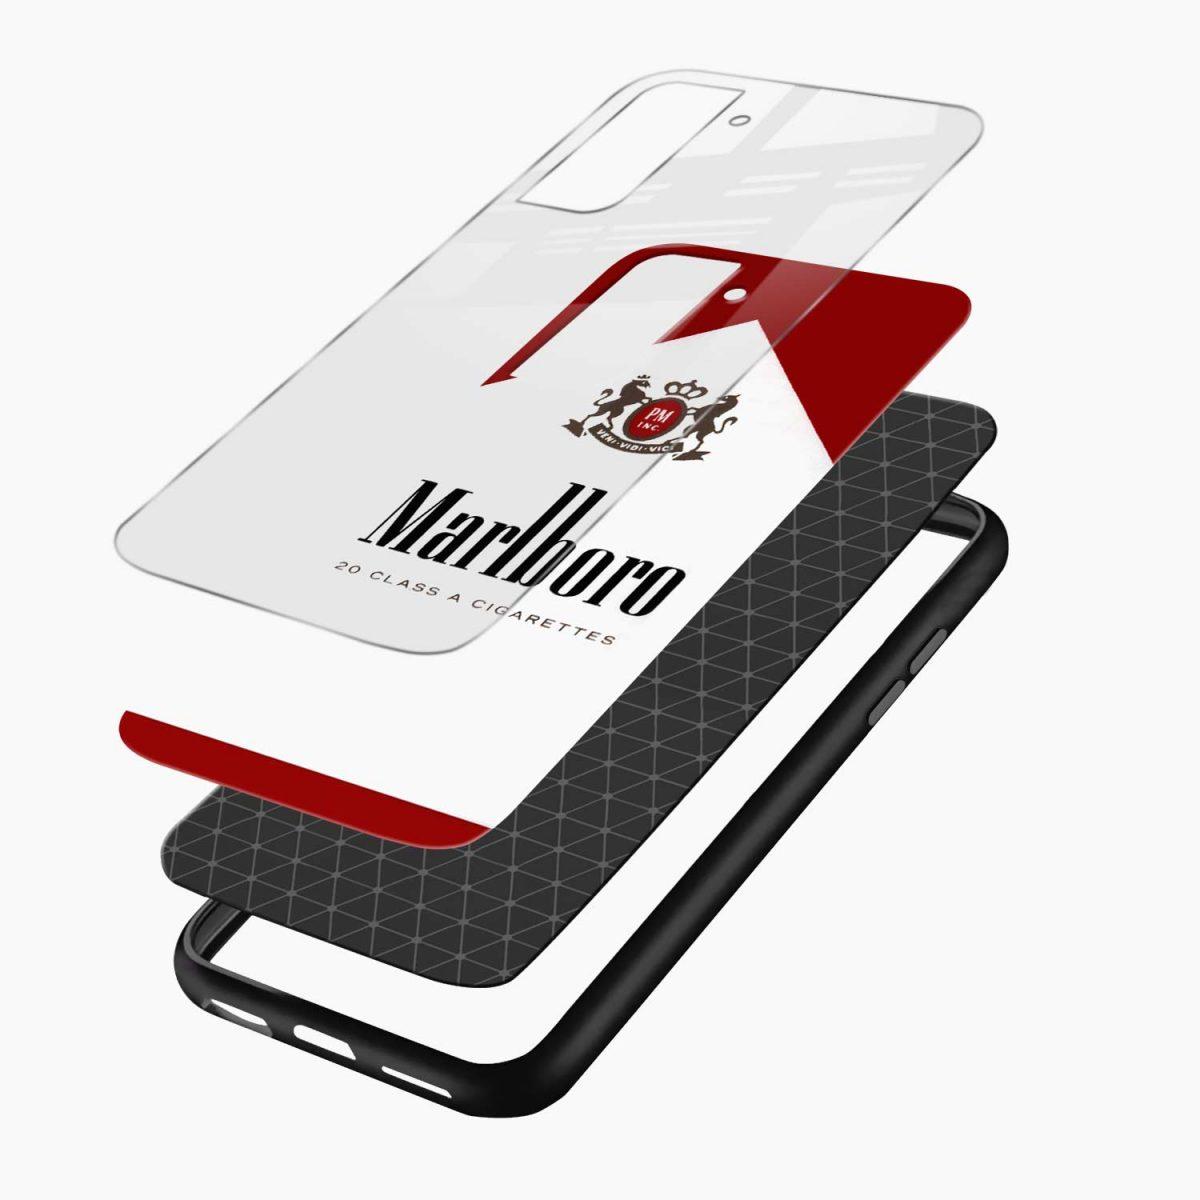 marlboro cigarette box layers view samsung s21 plug back cover